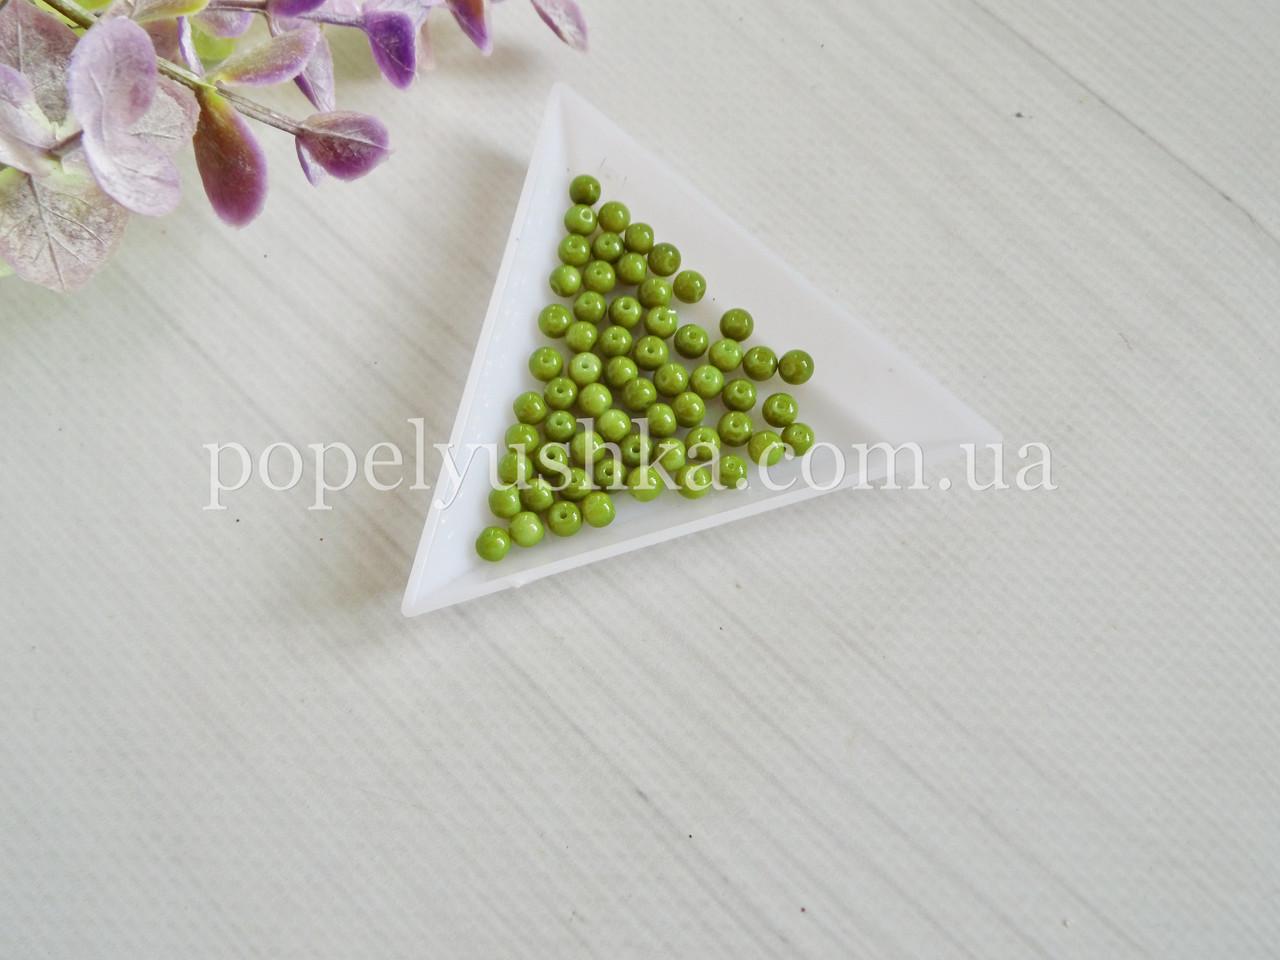 Намистини 4 мм оливкові (20 шт.)